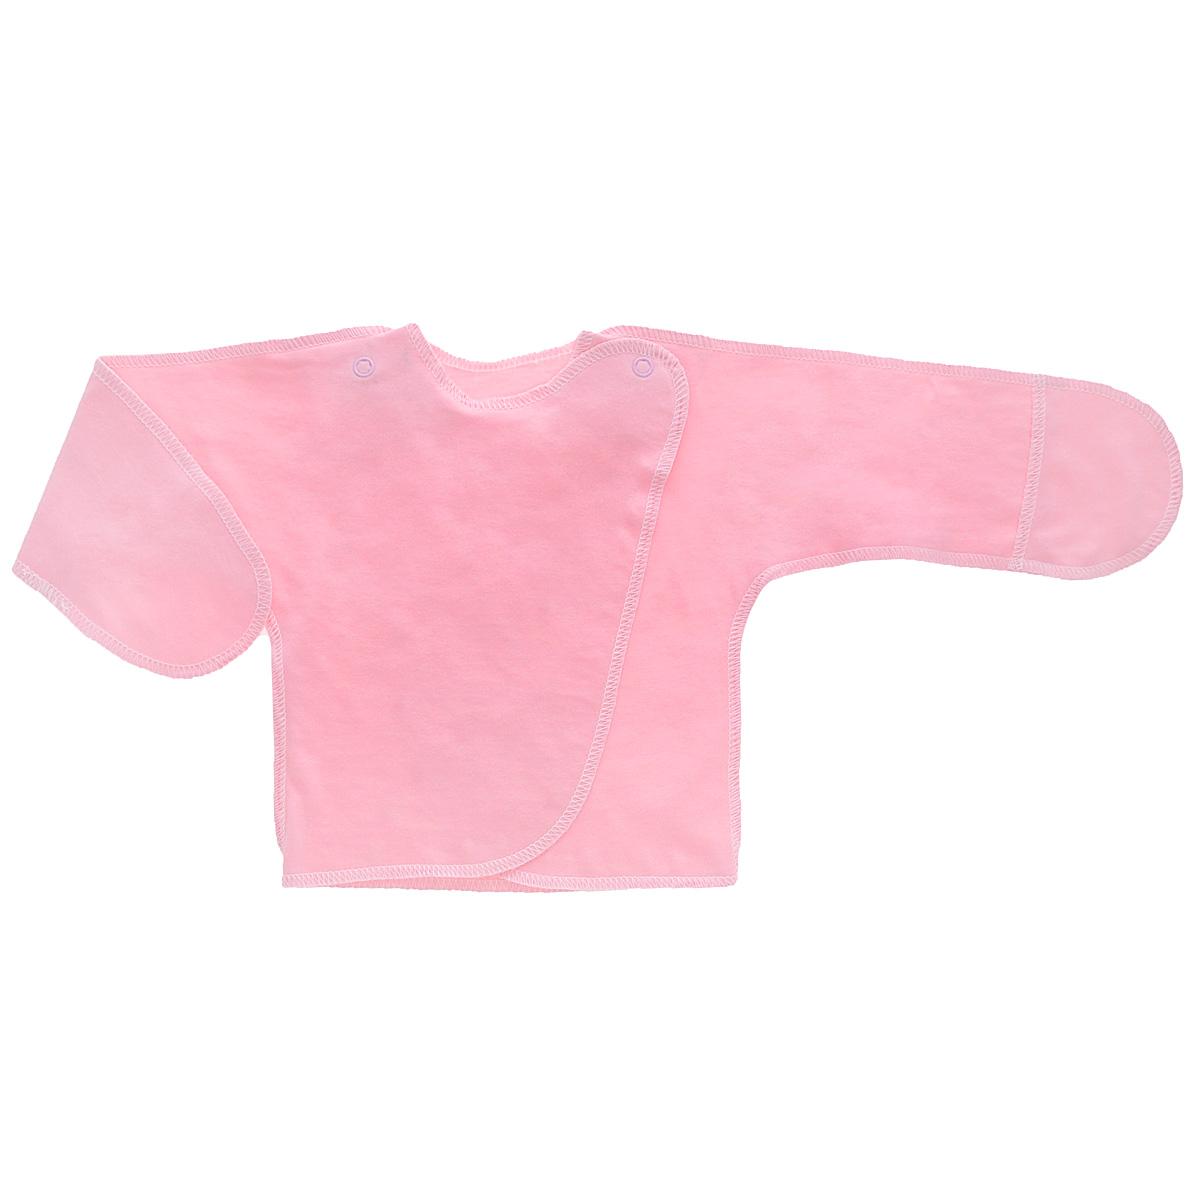 Распашонка Трон-плюс, цвет: розовый. 5003. Размер 56, 1 месяц5003Распашонка с закрытыми ручками Трон-плюс послужит идеальным дополнением к гардеробу младенца. Распашонка, выполненная швами наружу, изготовлена из кулирного полотна - натурального хлопка, благодаря чему она необычайно мягкая и легкая, не раздражает нежную кожу ребенка и хорошо вентилируется, а эластичные швы приятны телу малыша и не препятствуют его движениям. Распашонка с запахом, застегивается при помощи двух кнопок на плечах, которые позволяют без труда переодеть ребенка. Благодаря рукавичкам ребенок не поцарапает себя.